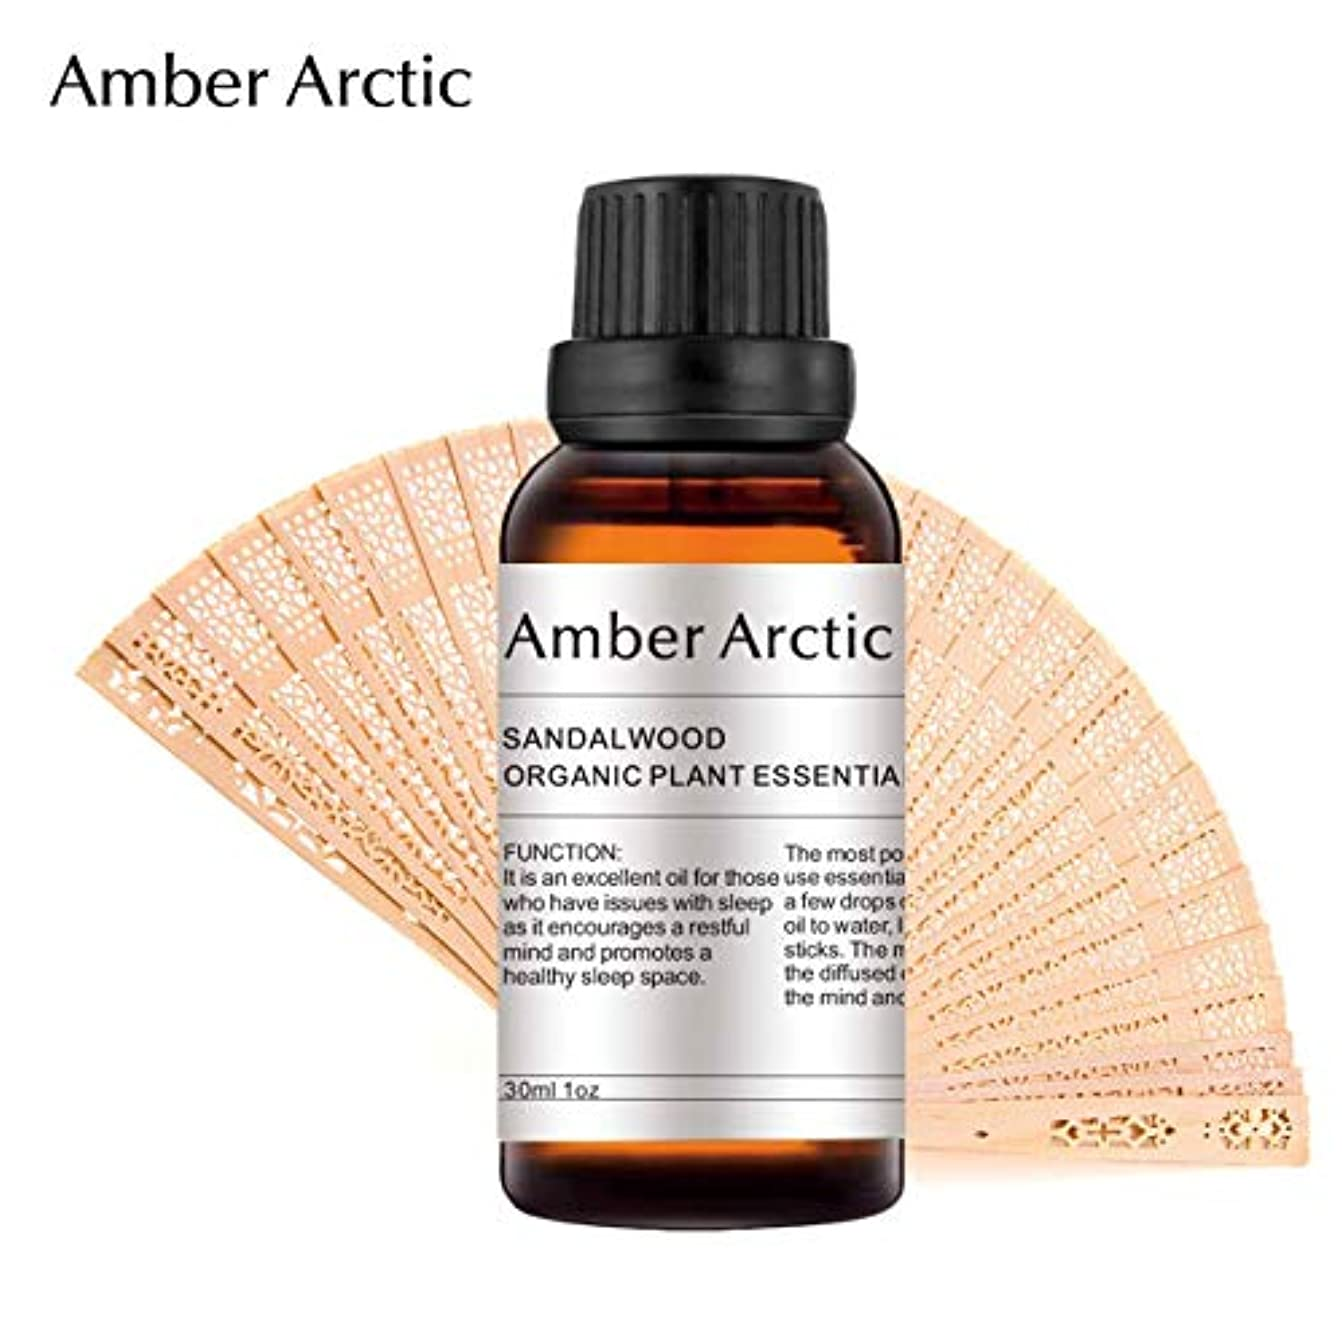 把握変化する行動AMBER ARCTIC エッセンシャル オイル ディフューザー 用 100% 純粋 新鮮 有機 植物 セラピー オイル 30Ml サンダルウッド サンダルウッド